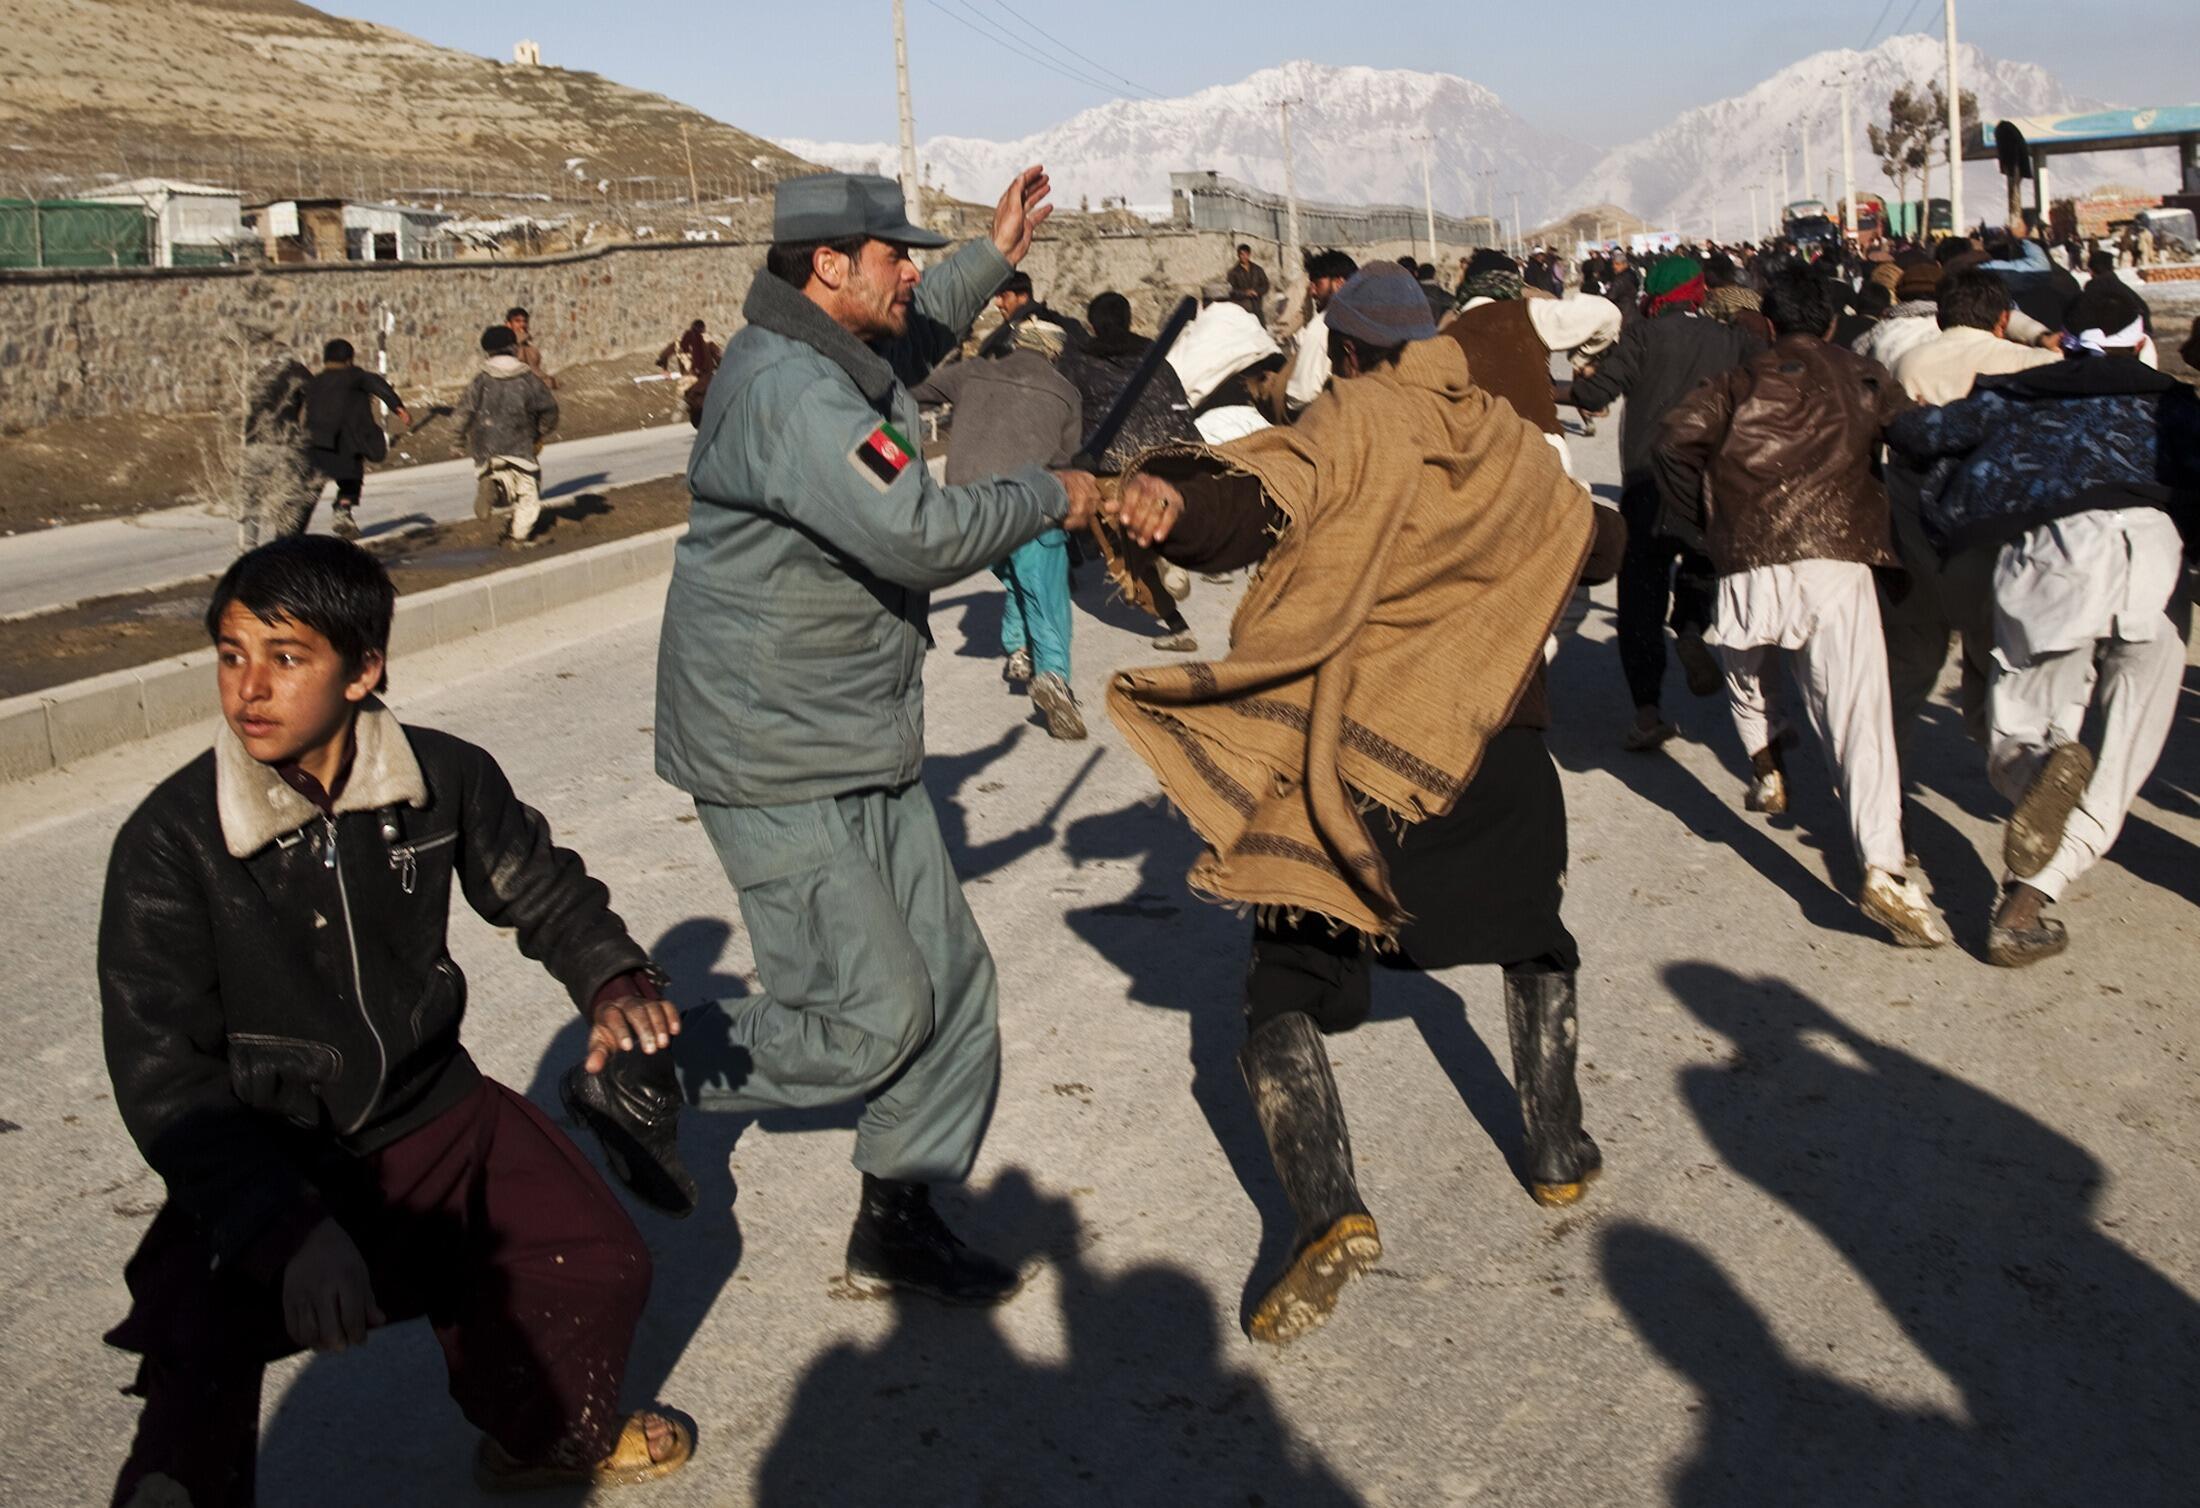 Xung đột giữa cảnh sát và người biểu tình tại Kabul ngày 24/02/2012.